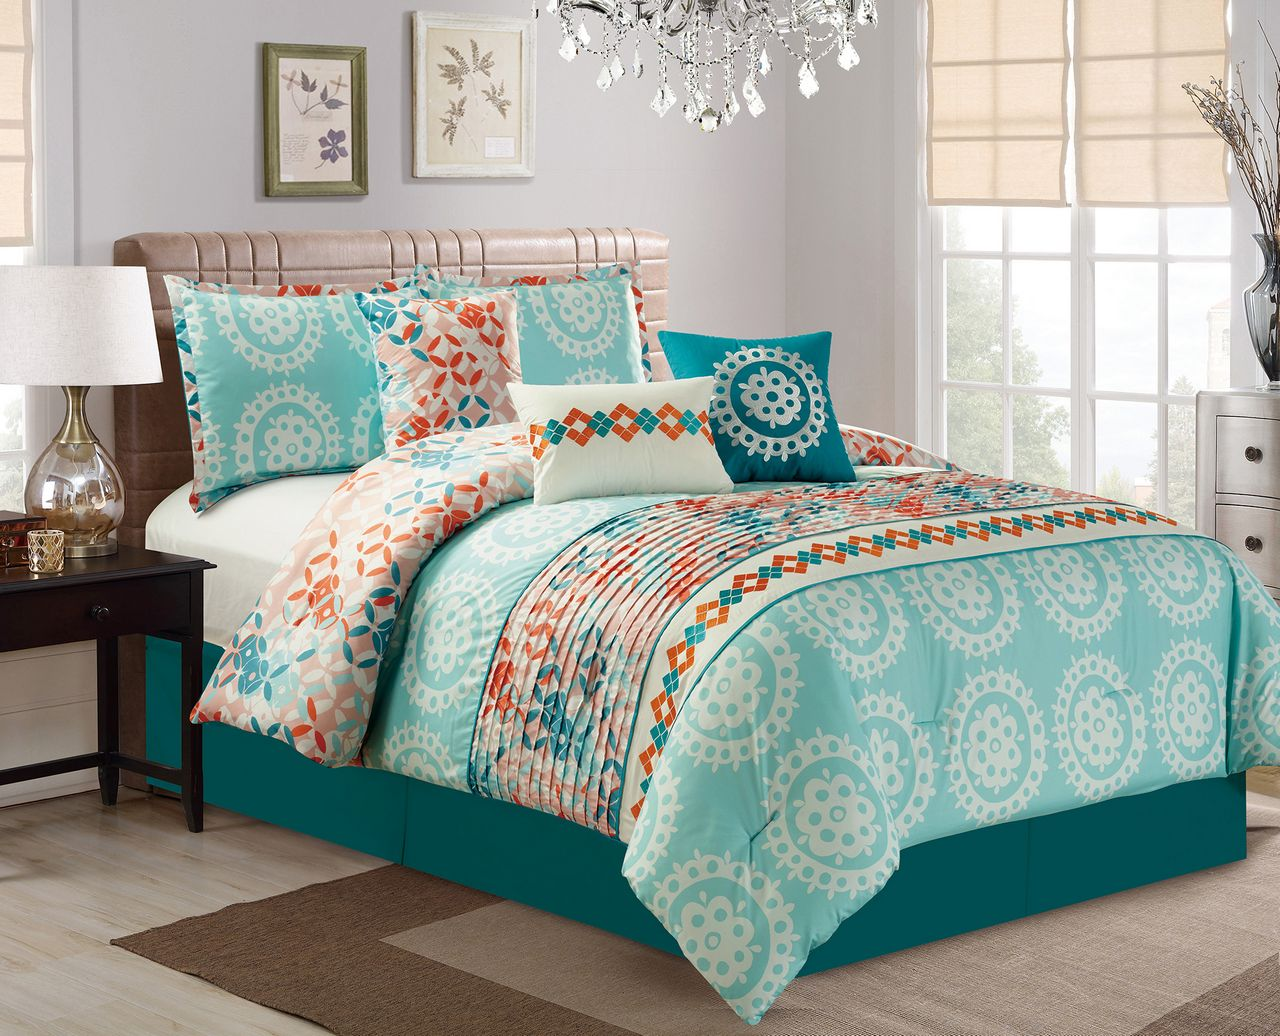 7 Piece Medallion Teal/Coral Comforter Set